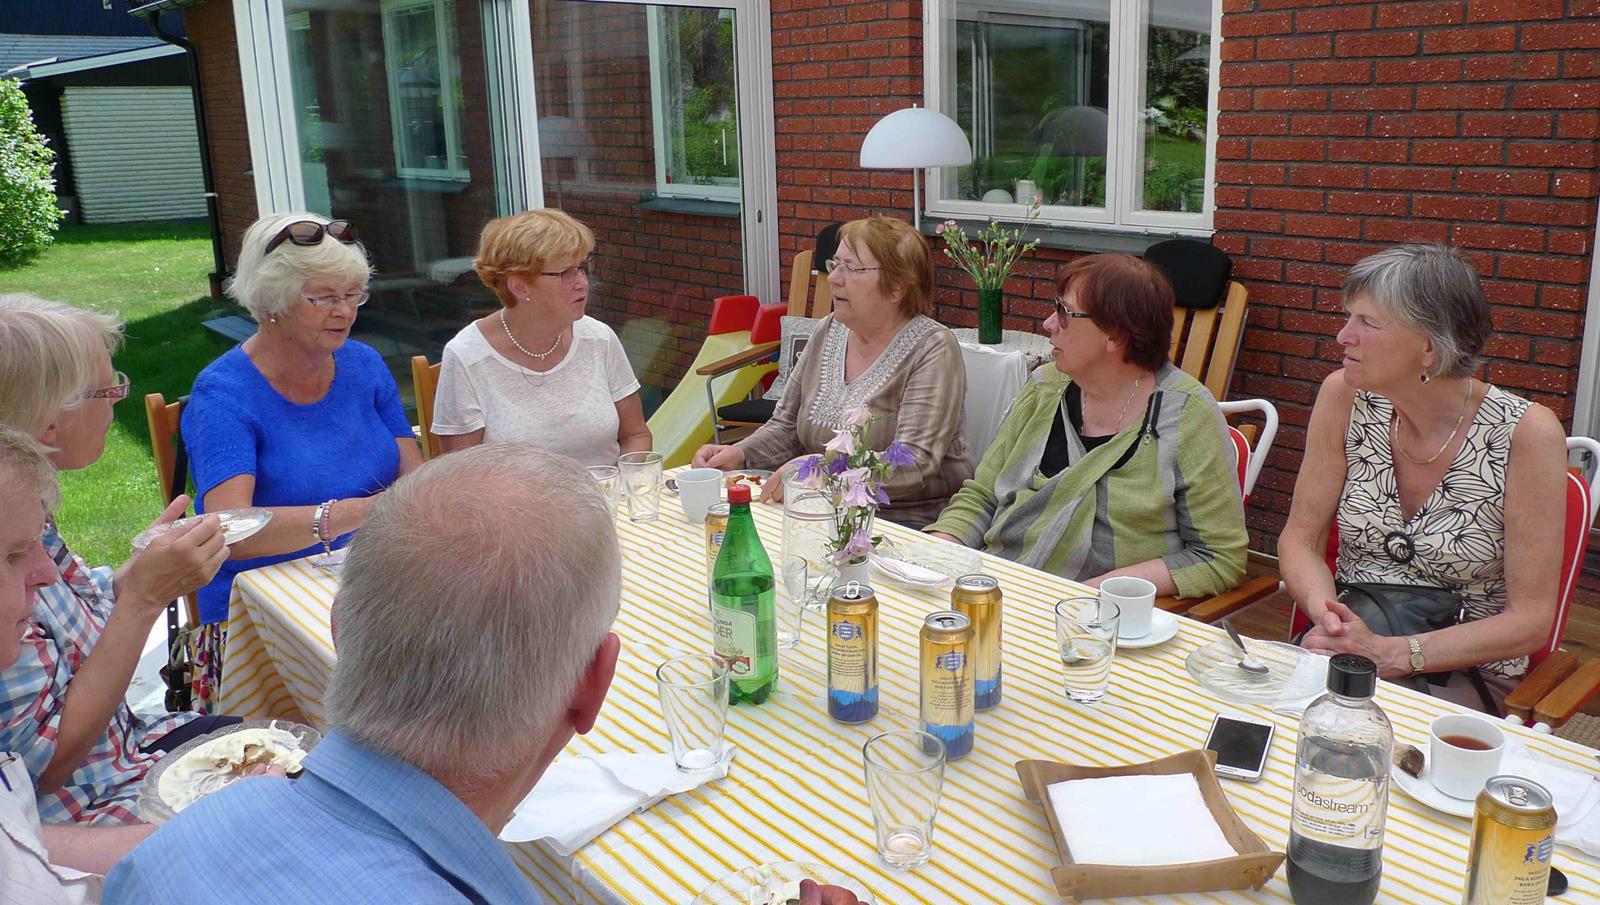 Styrelseledamöter och handledare blandades vid bordet.